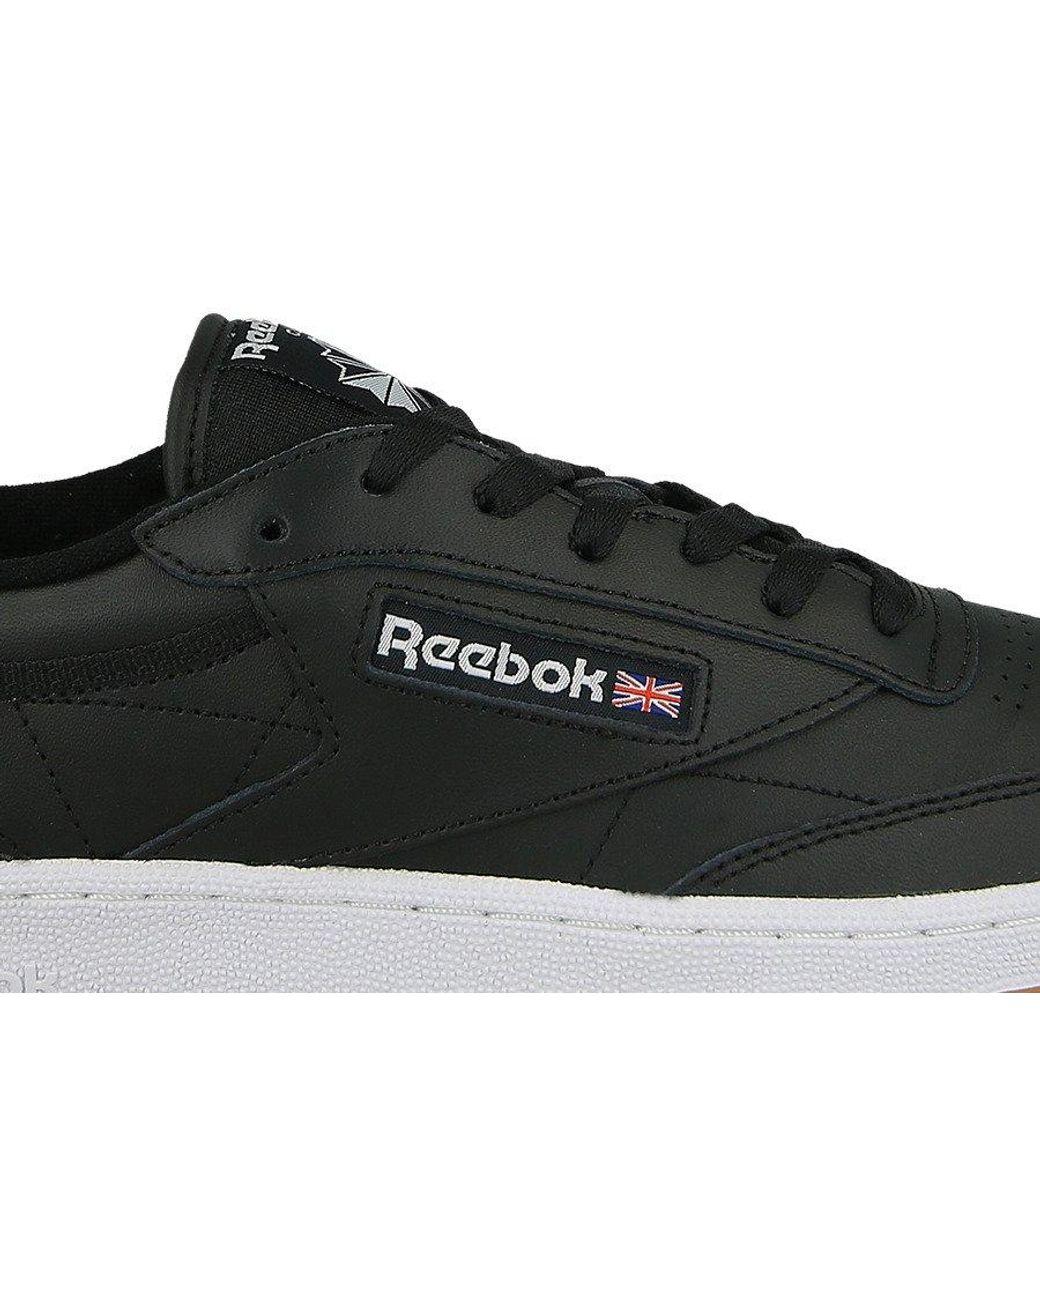 Reebok Torch Hex White-Chalk-GREY-RED MEN Sneaker Chaussures Hommes dv8569